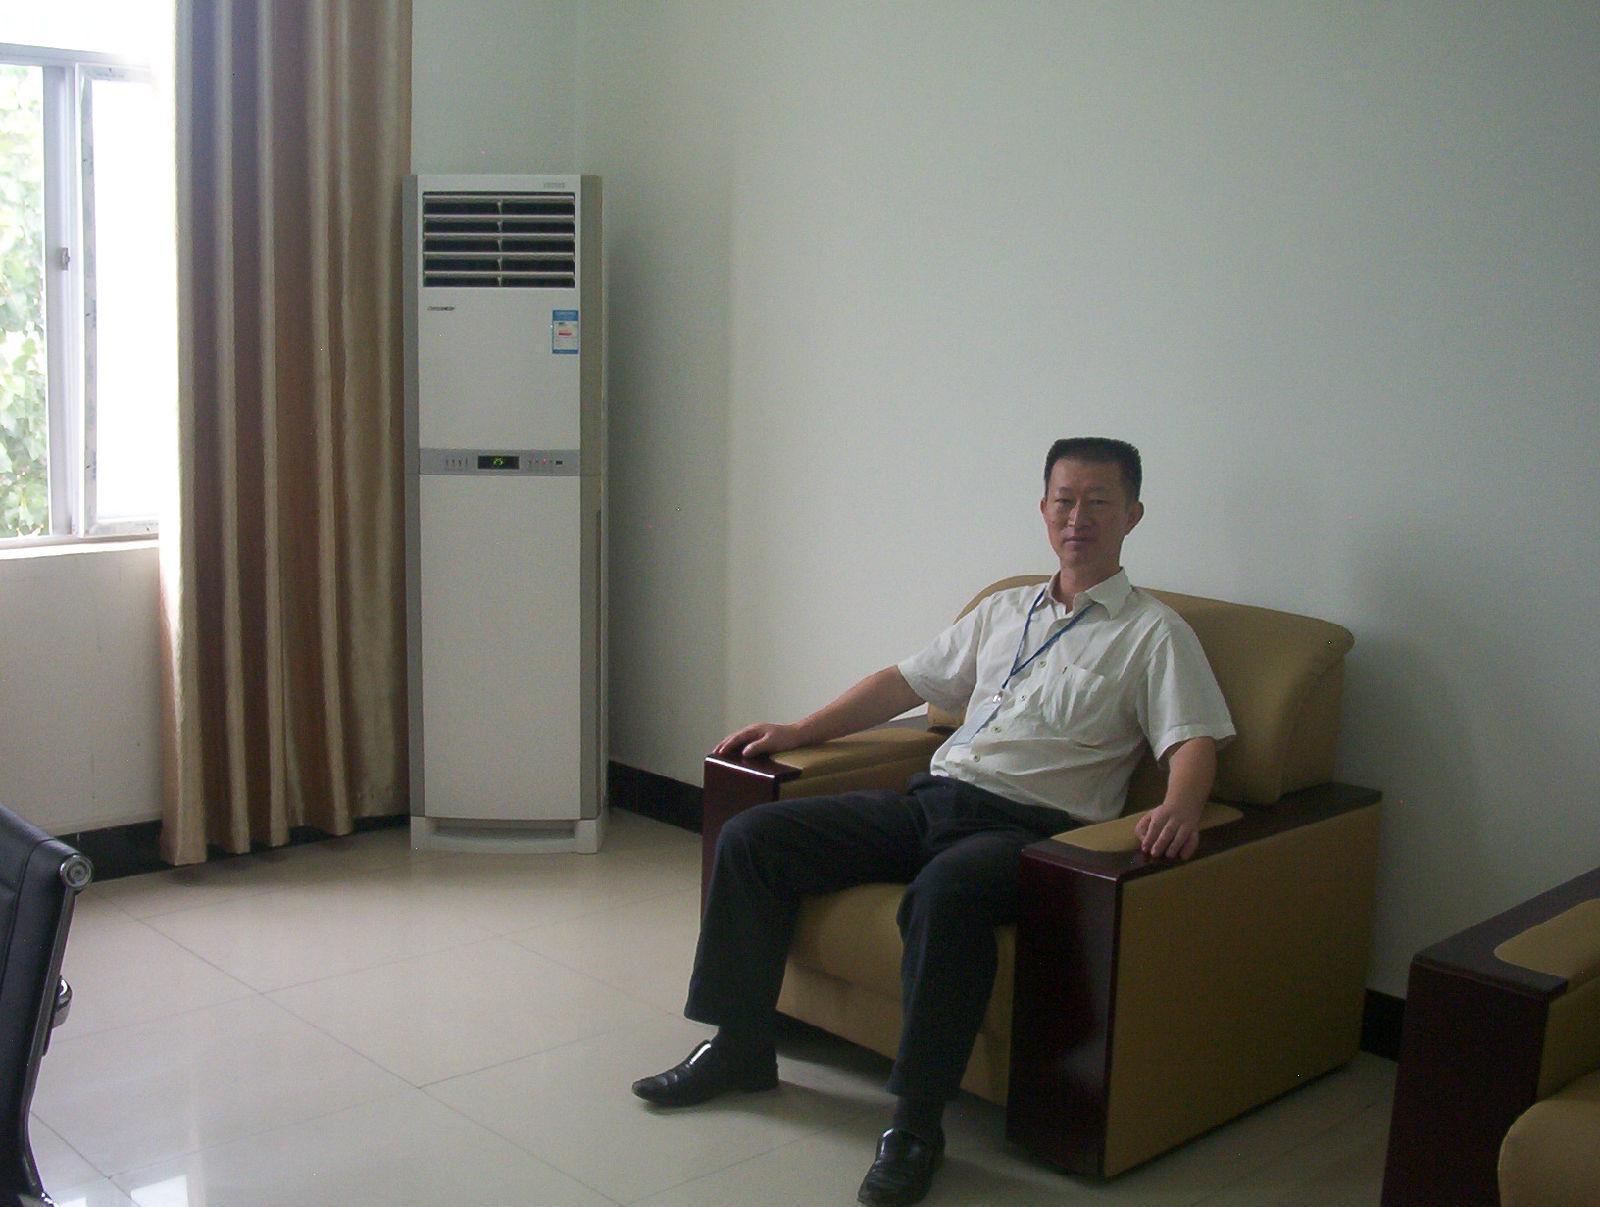 东方电器中央空调报价透明,签合同一口价,放心